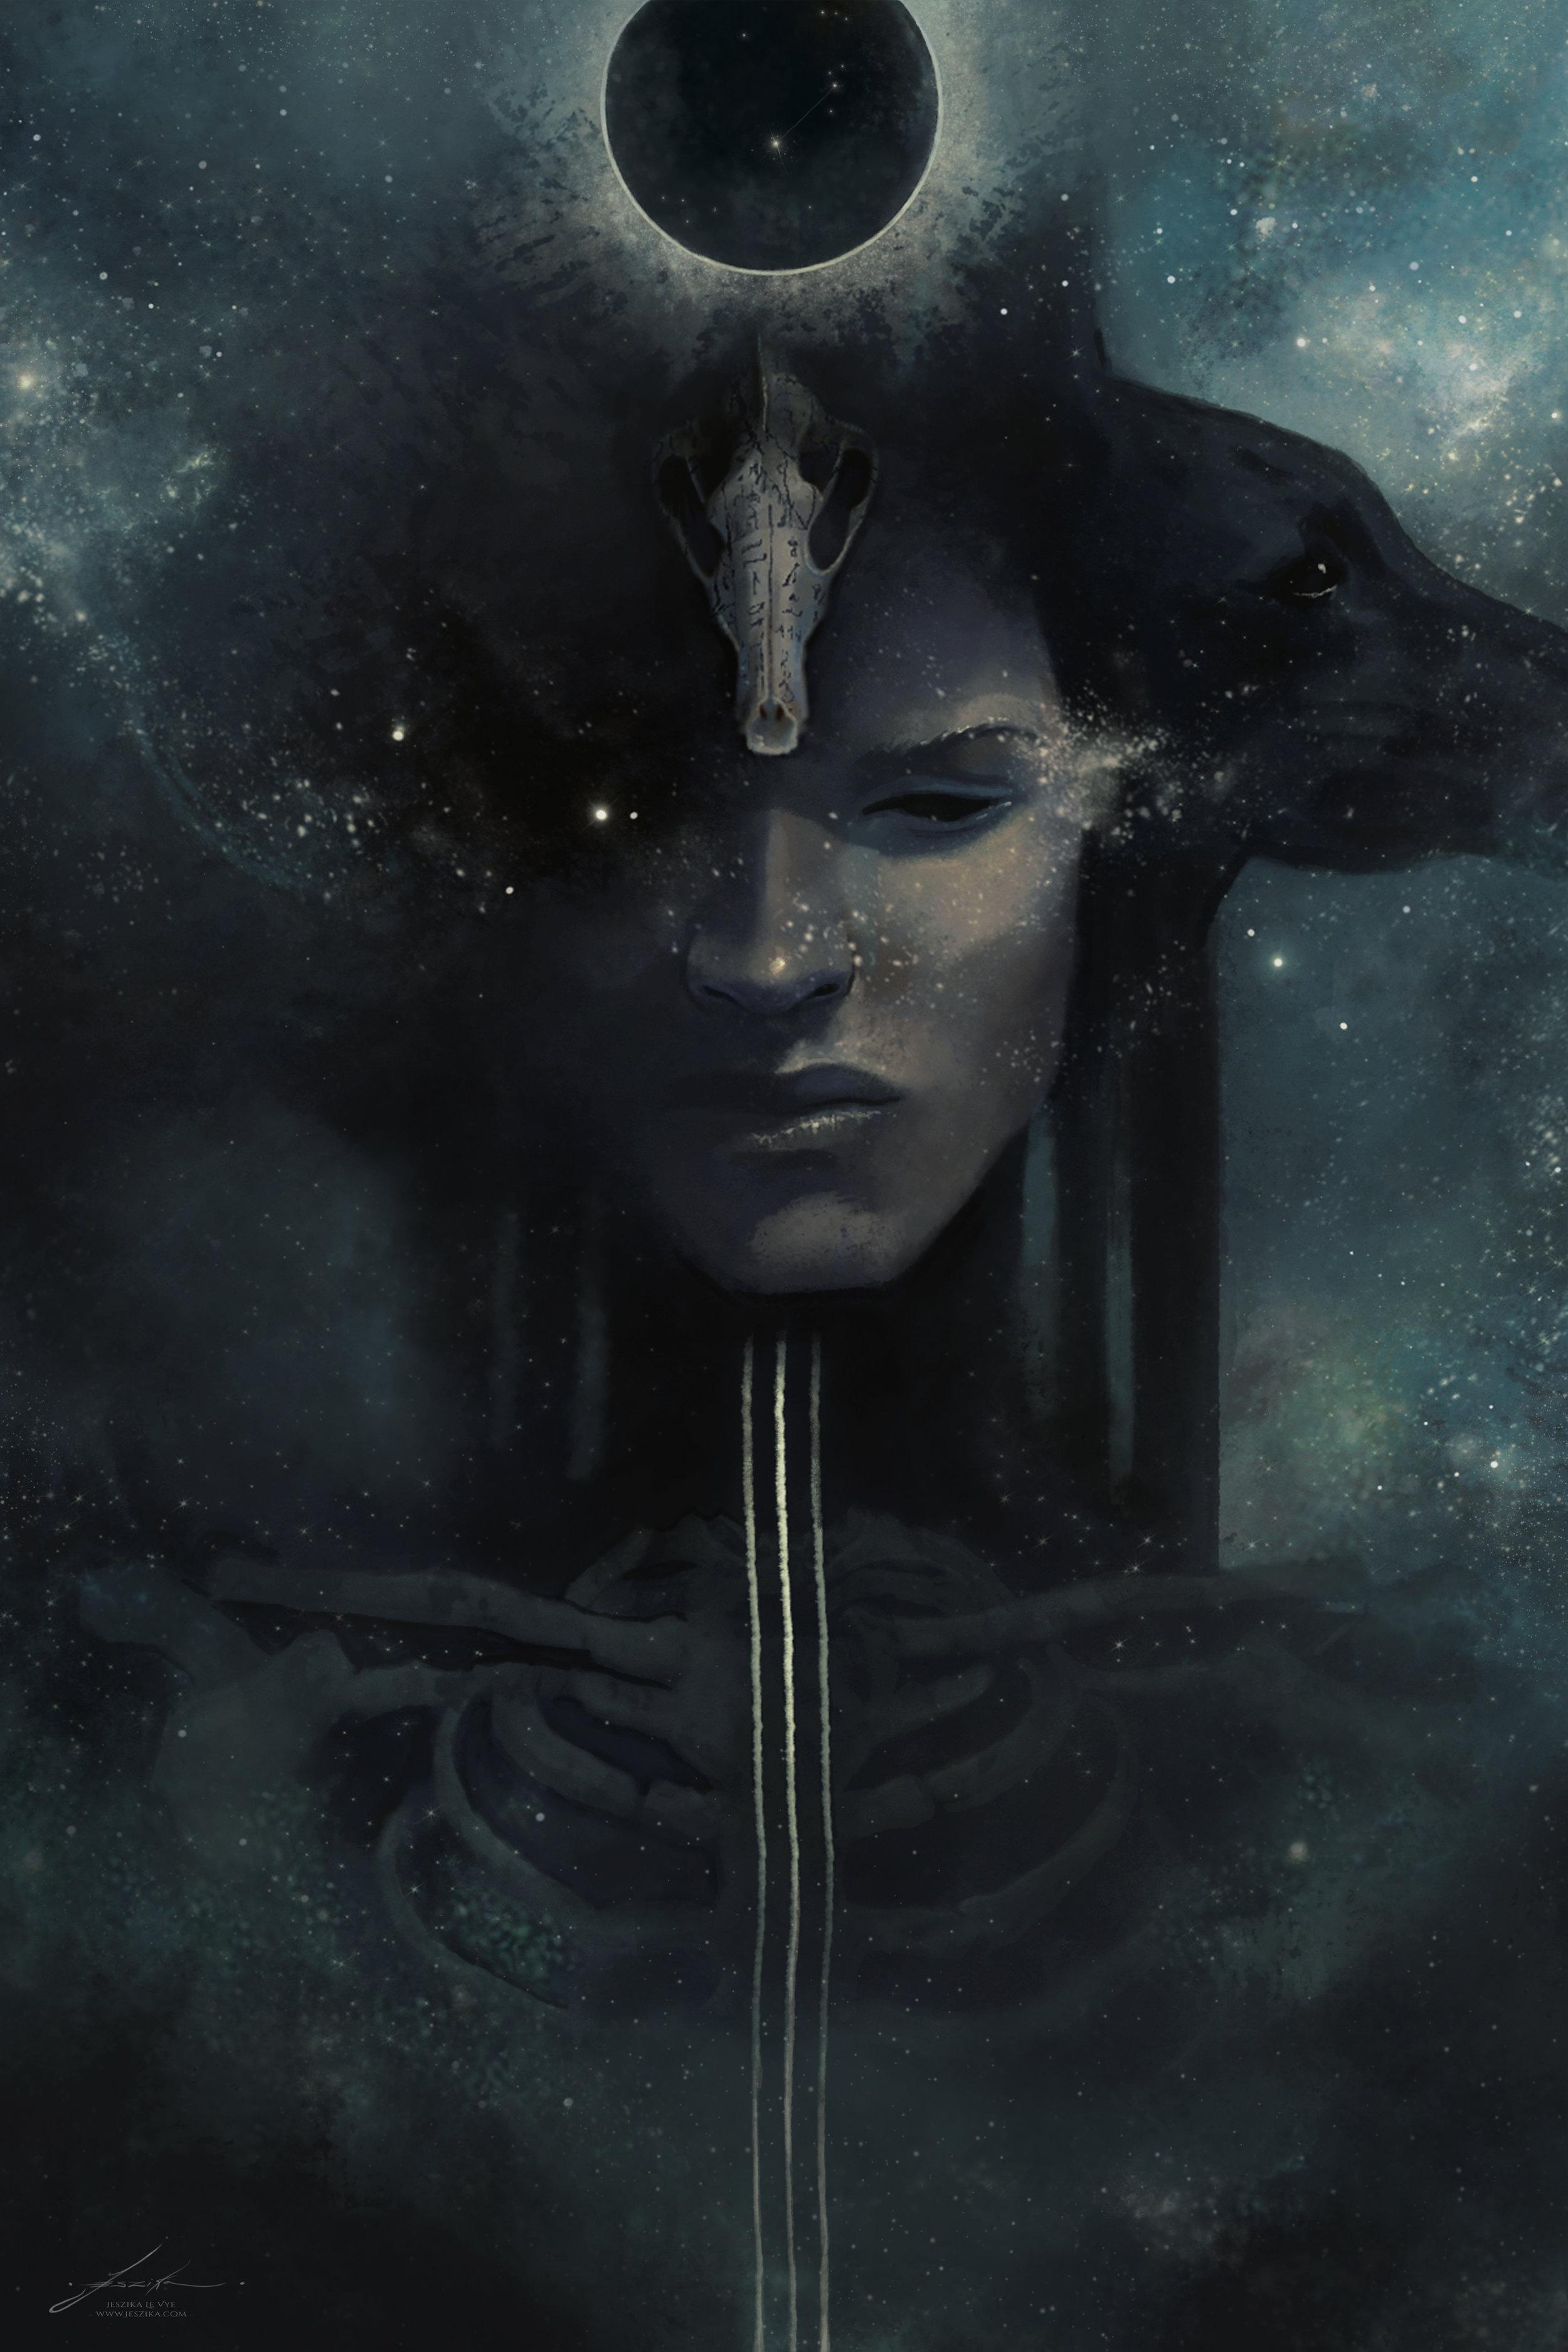 Anubis - Discerning Gaze